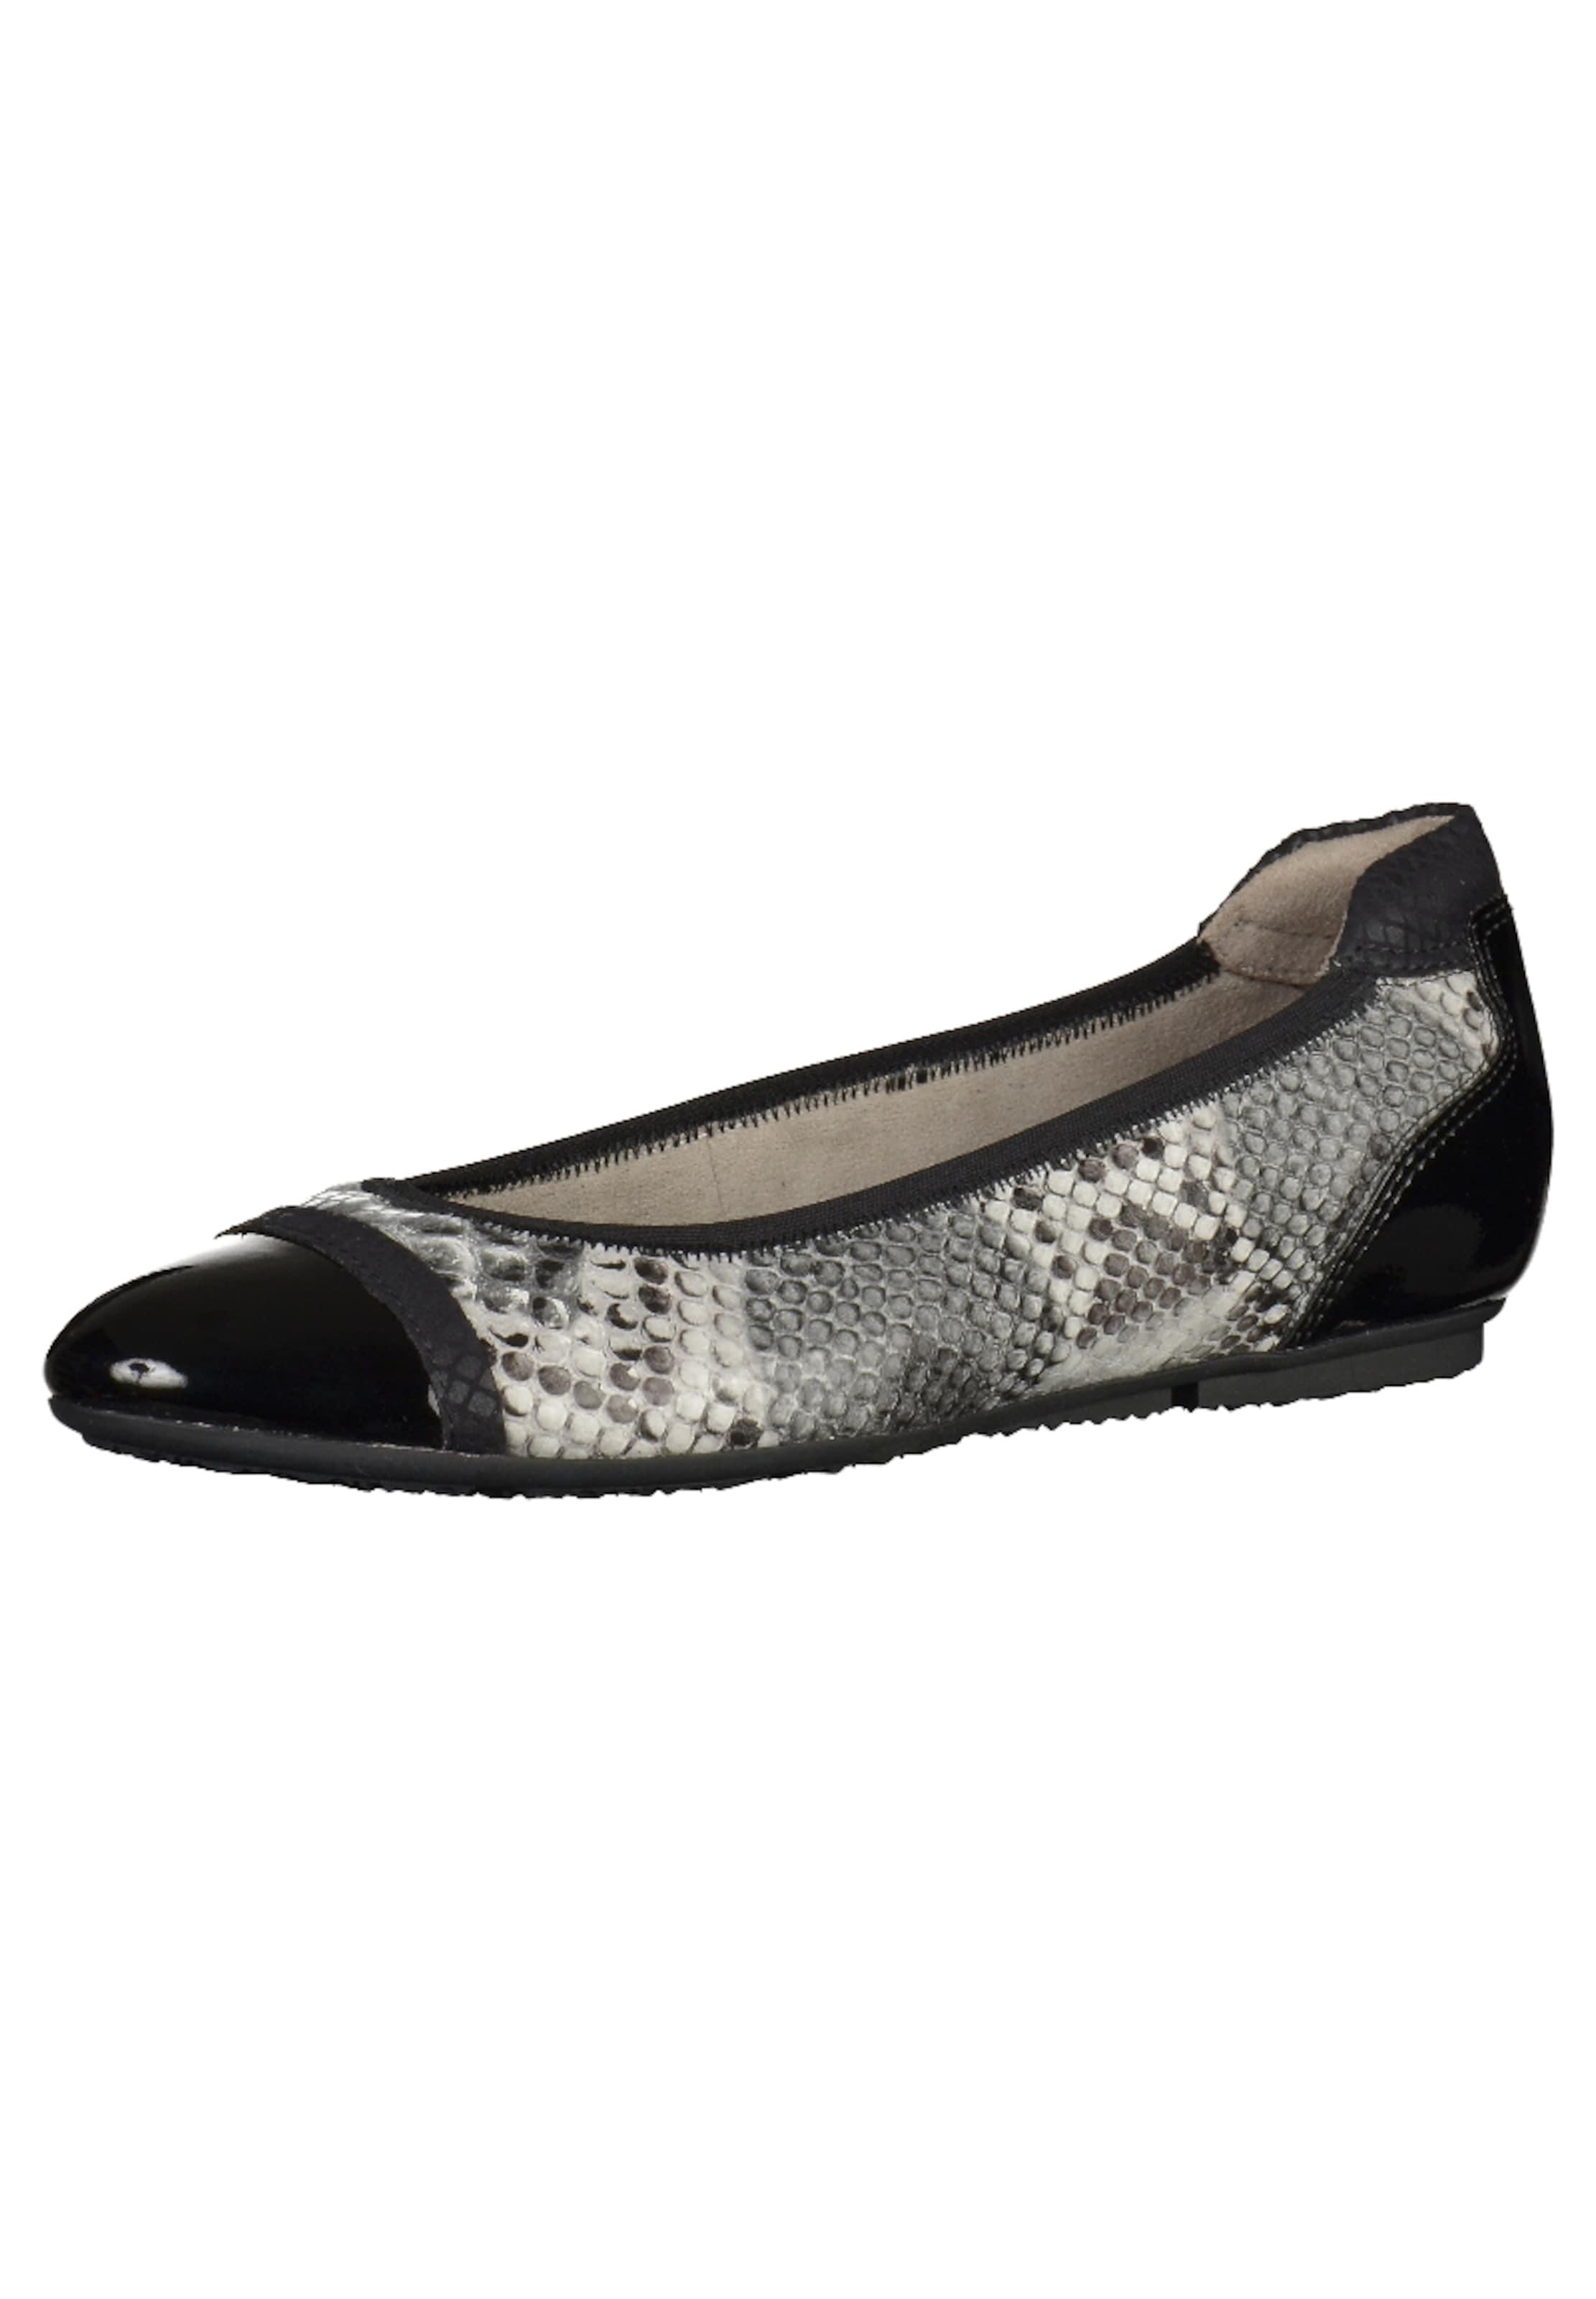 Haltbare Mode Ballerinas billige Schuhe TAMARIS | Ballerinas Mode Schuhe Gut getragene Schuhe fdcb95